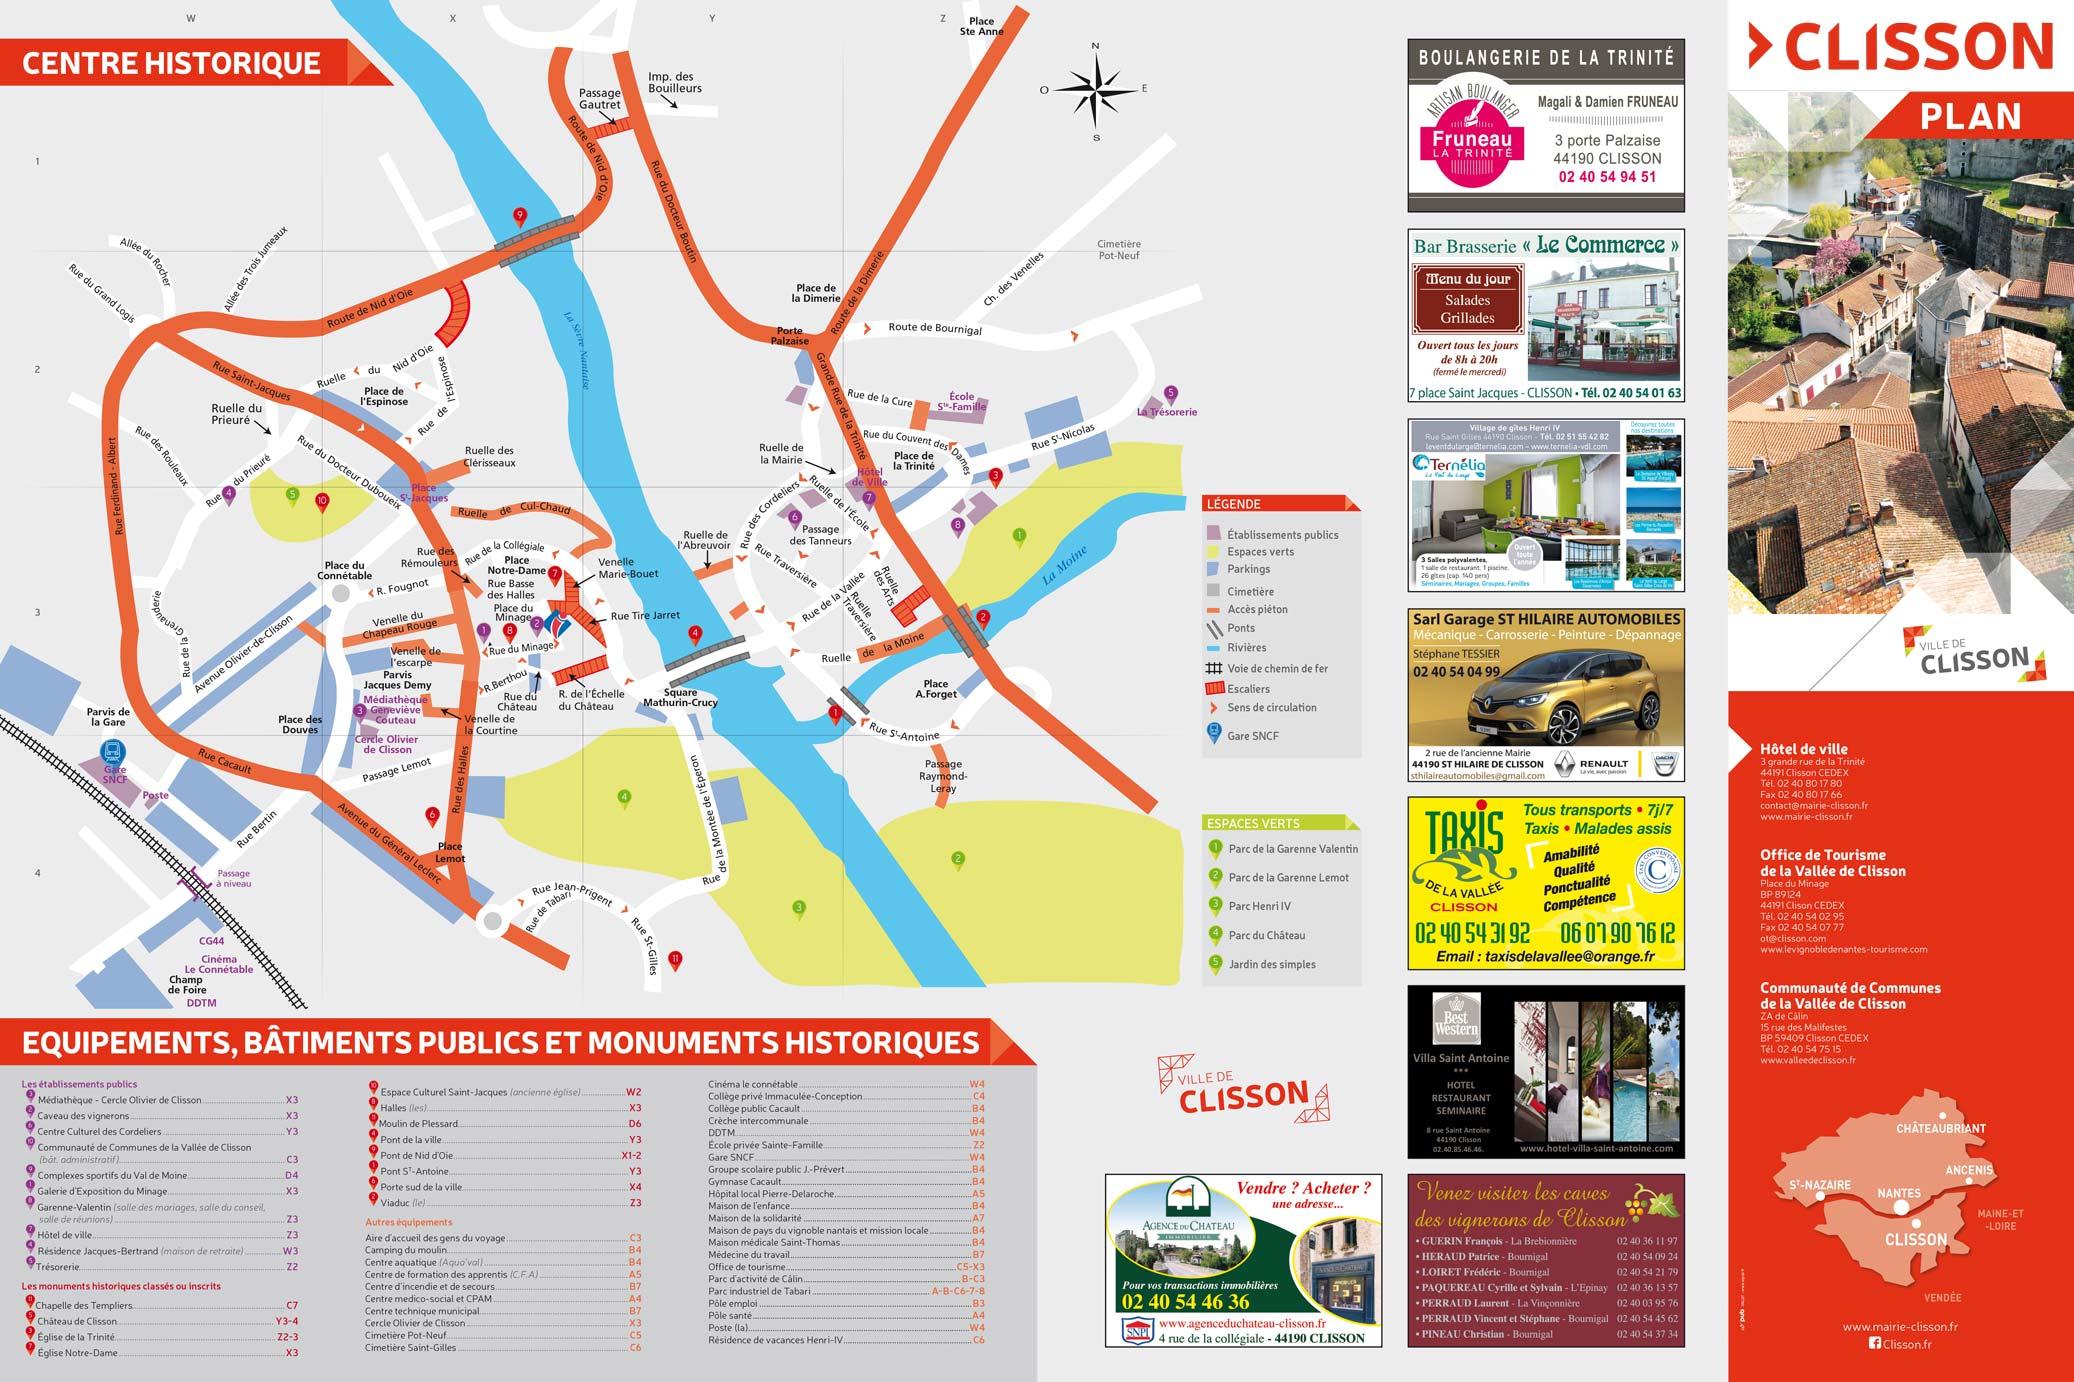 Plan de la Ville de Clisson - Centre historique